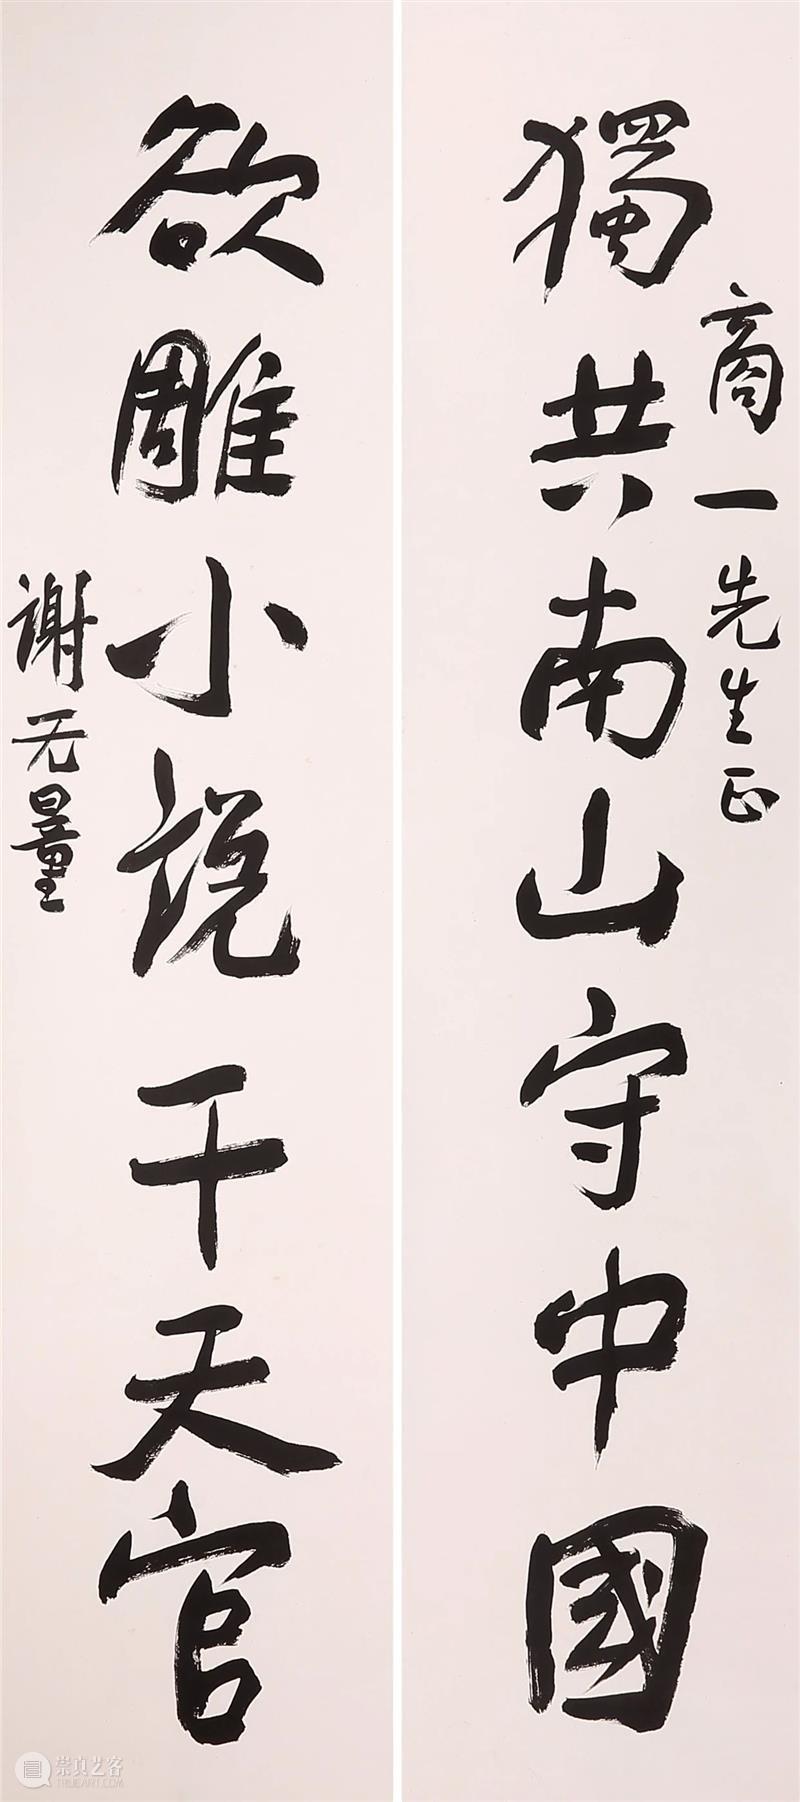 敬华金秋丨同一藏家系列(上) 藏家 系列 敬华 金秋 面貌 来源 拍卖场 热点 藏品 之中 崇真艺客